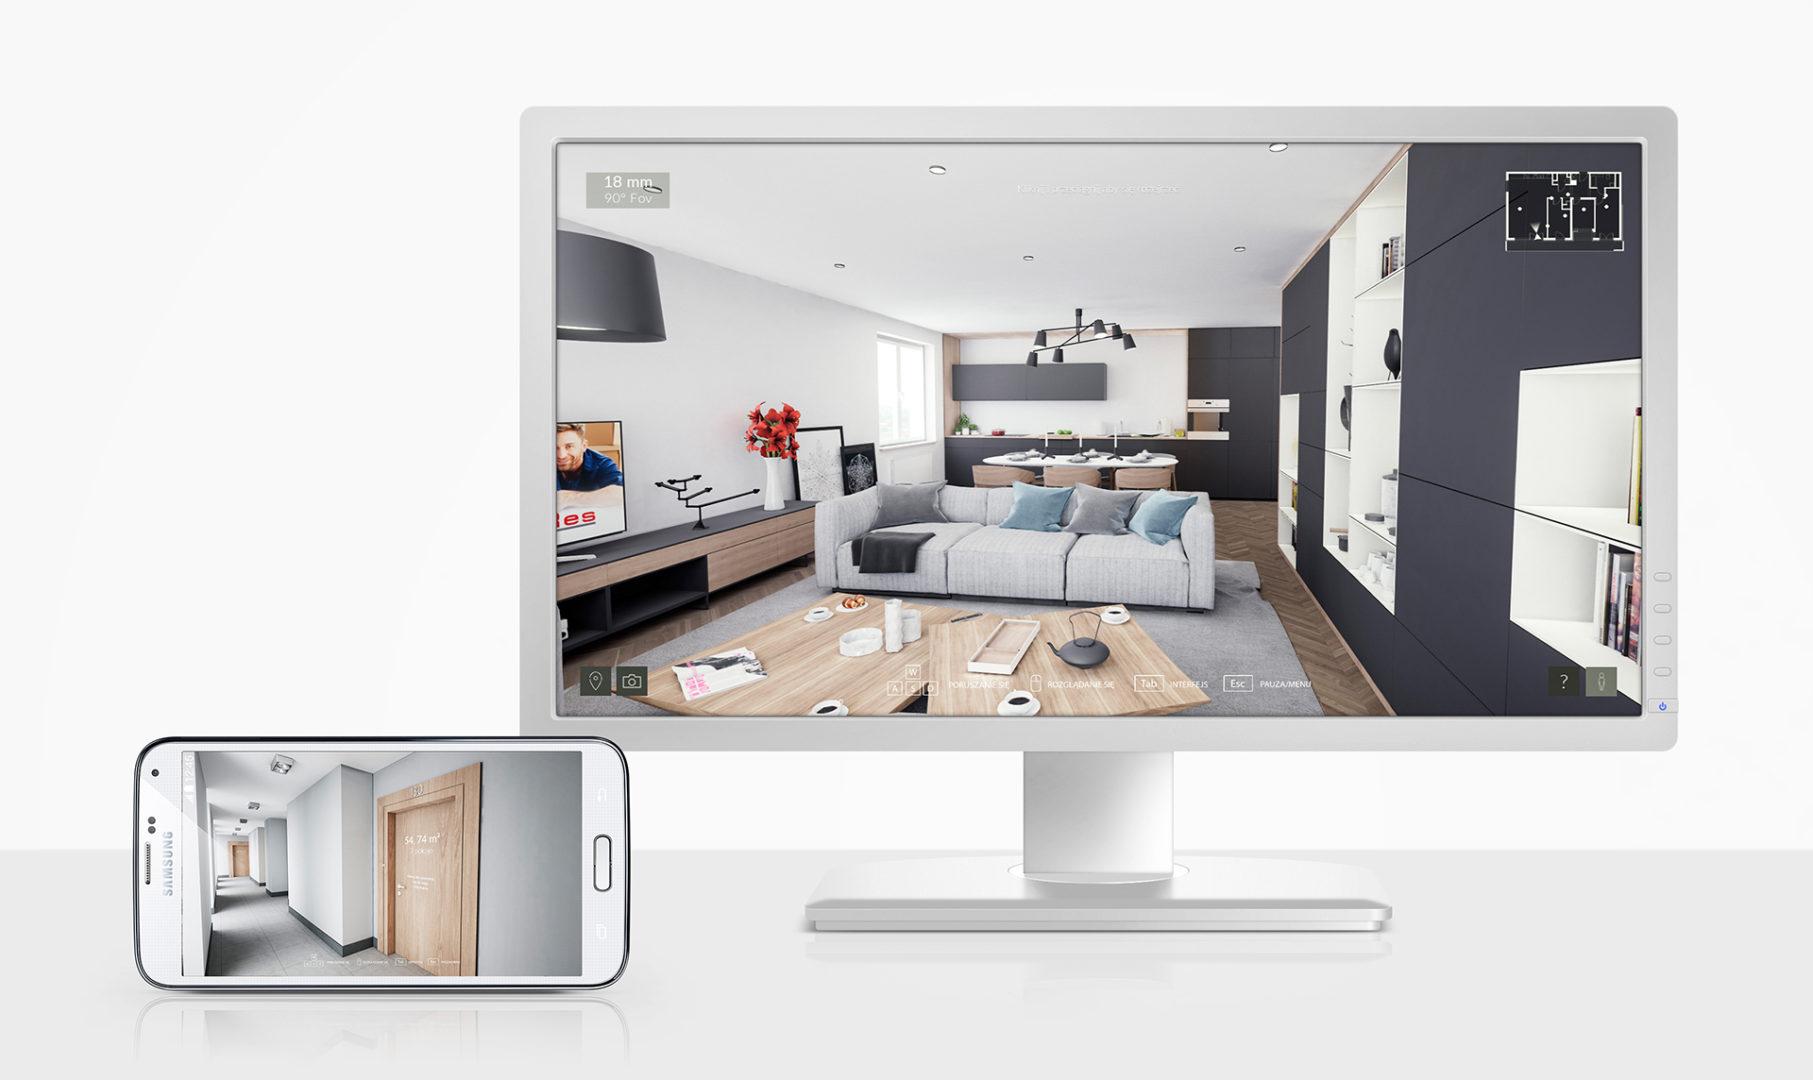 wizualizacje 3d dla deweloperów - interaktywne wizualizacje VR i aplikacje VR dla deweloperów - ColorDrop Studio - wirtualna rzeczywistość  - wideo sferyczne - aplikacje mobilne - aplikacje PC - wizualizacje Oculus Rift - vr visualizations